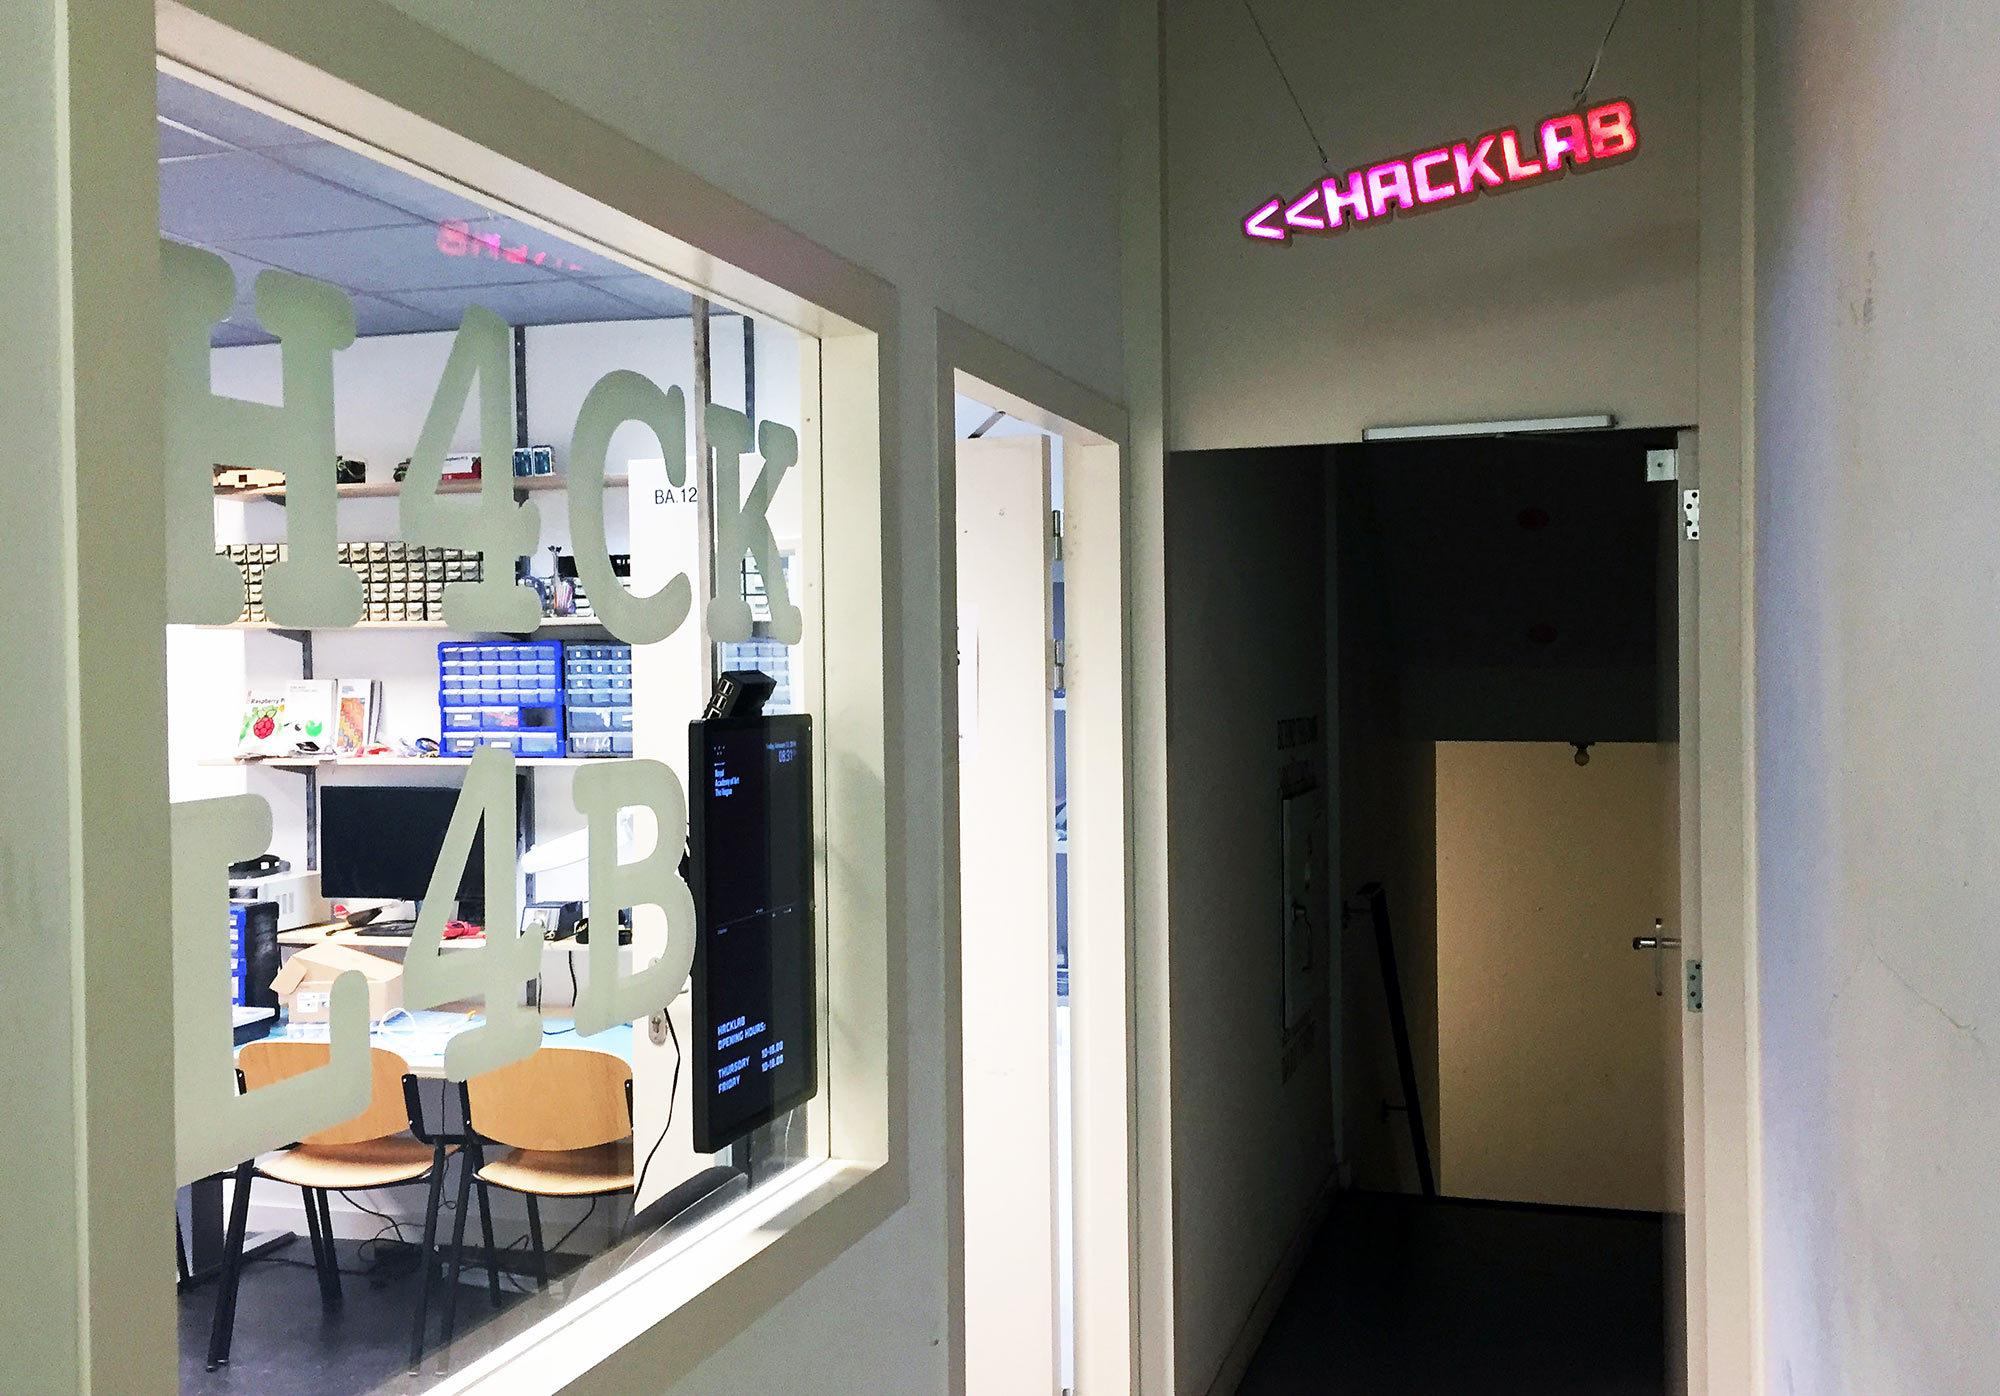 KABK Hacklab werkplaats